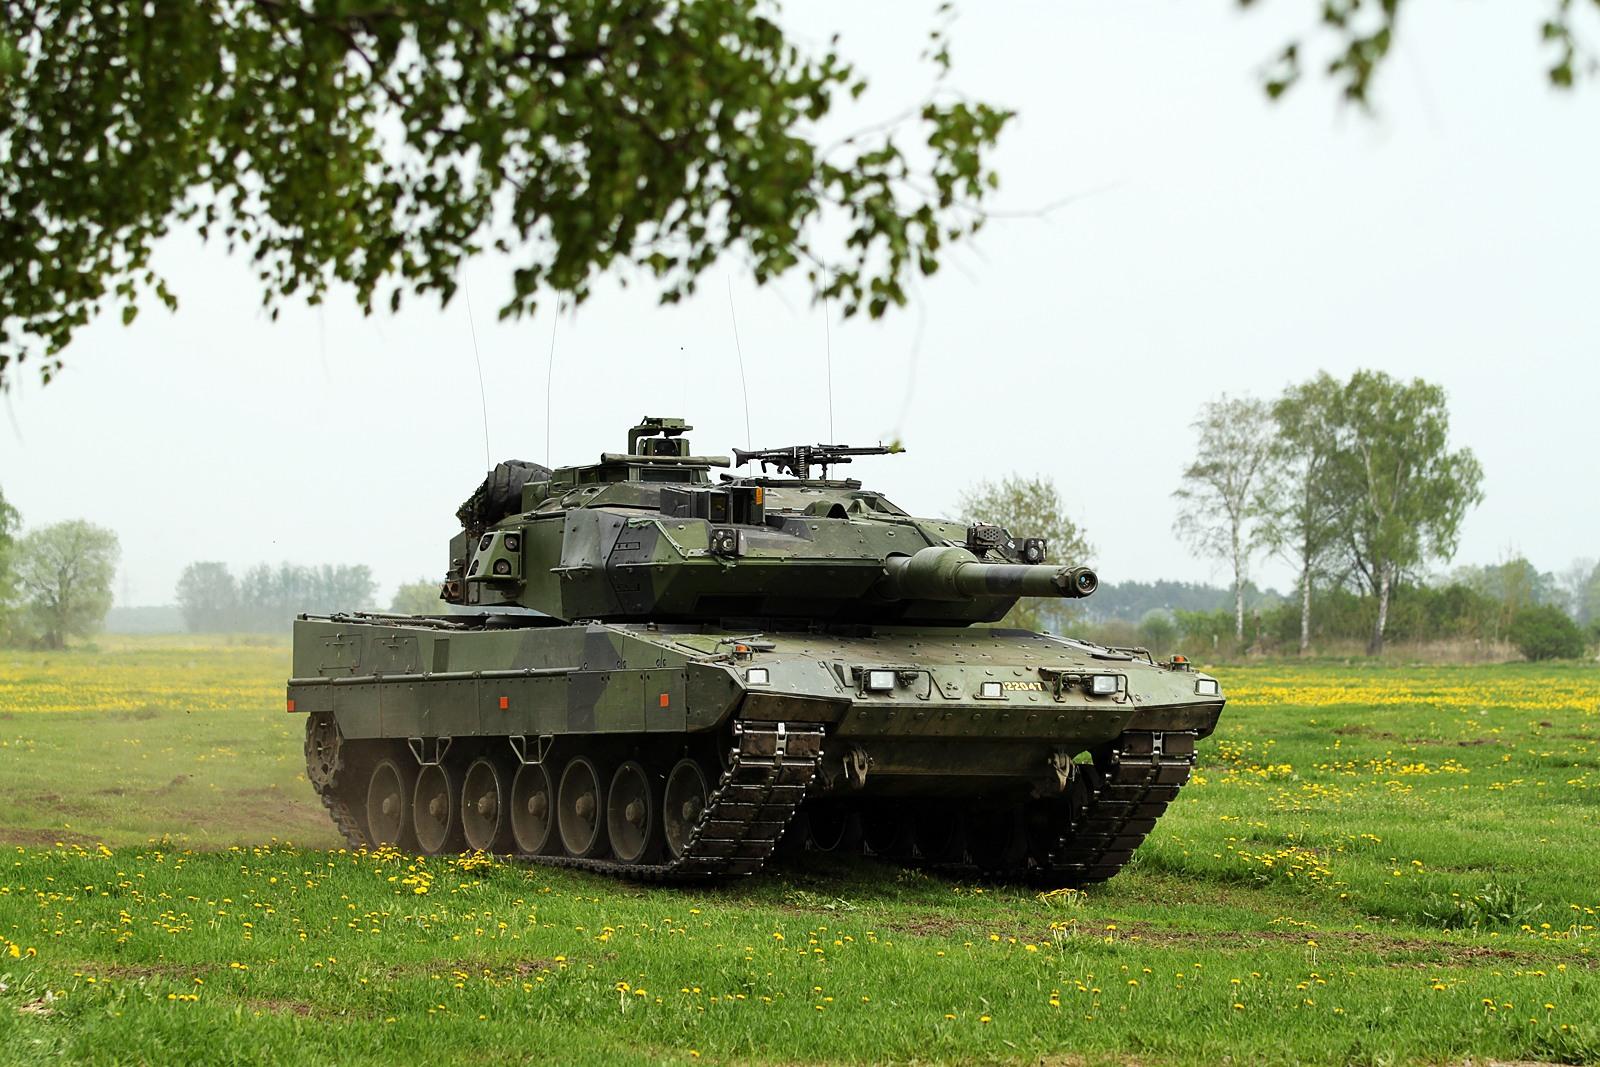 http://2.bp.blogspot.com/-wRGZeirKacQ/UA-Za7EhHJI/AAAAAAAAAZg/Yg3DzjTQiyE/s1600/Leopard+2+A5+-+Kopia+(2).jpg